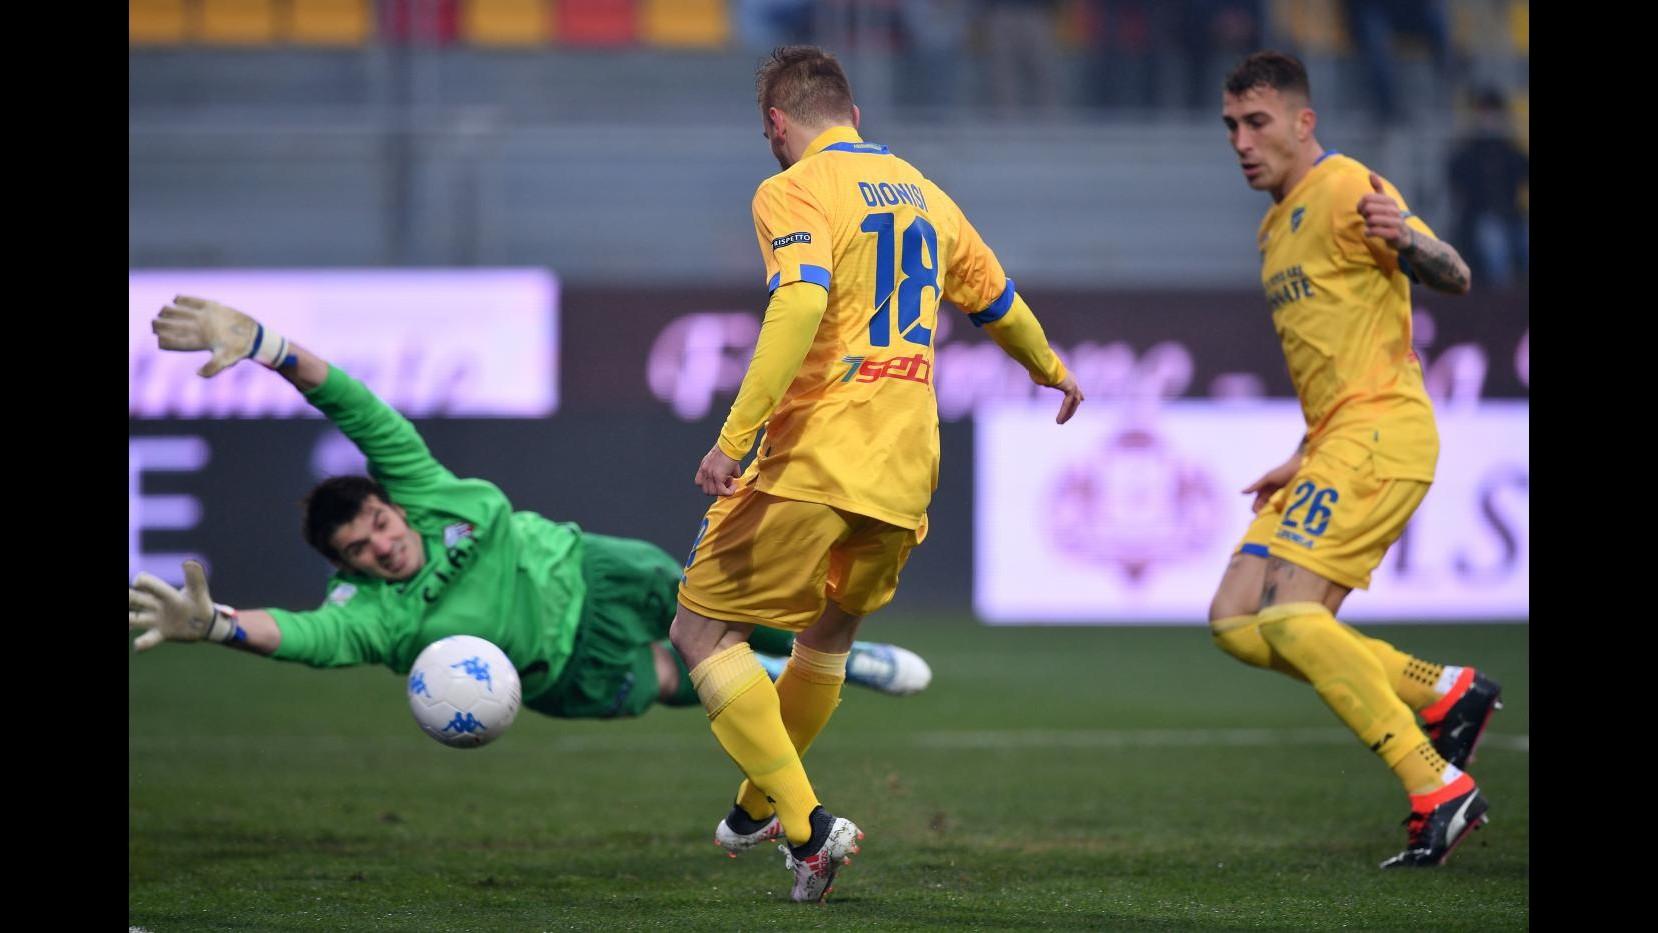 Serie B, Frosinone-Ascoli 2-0 | IL FOTORACCONTO